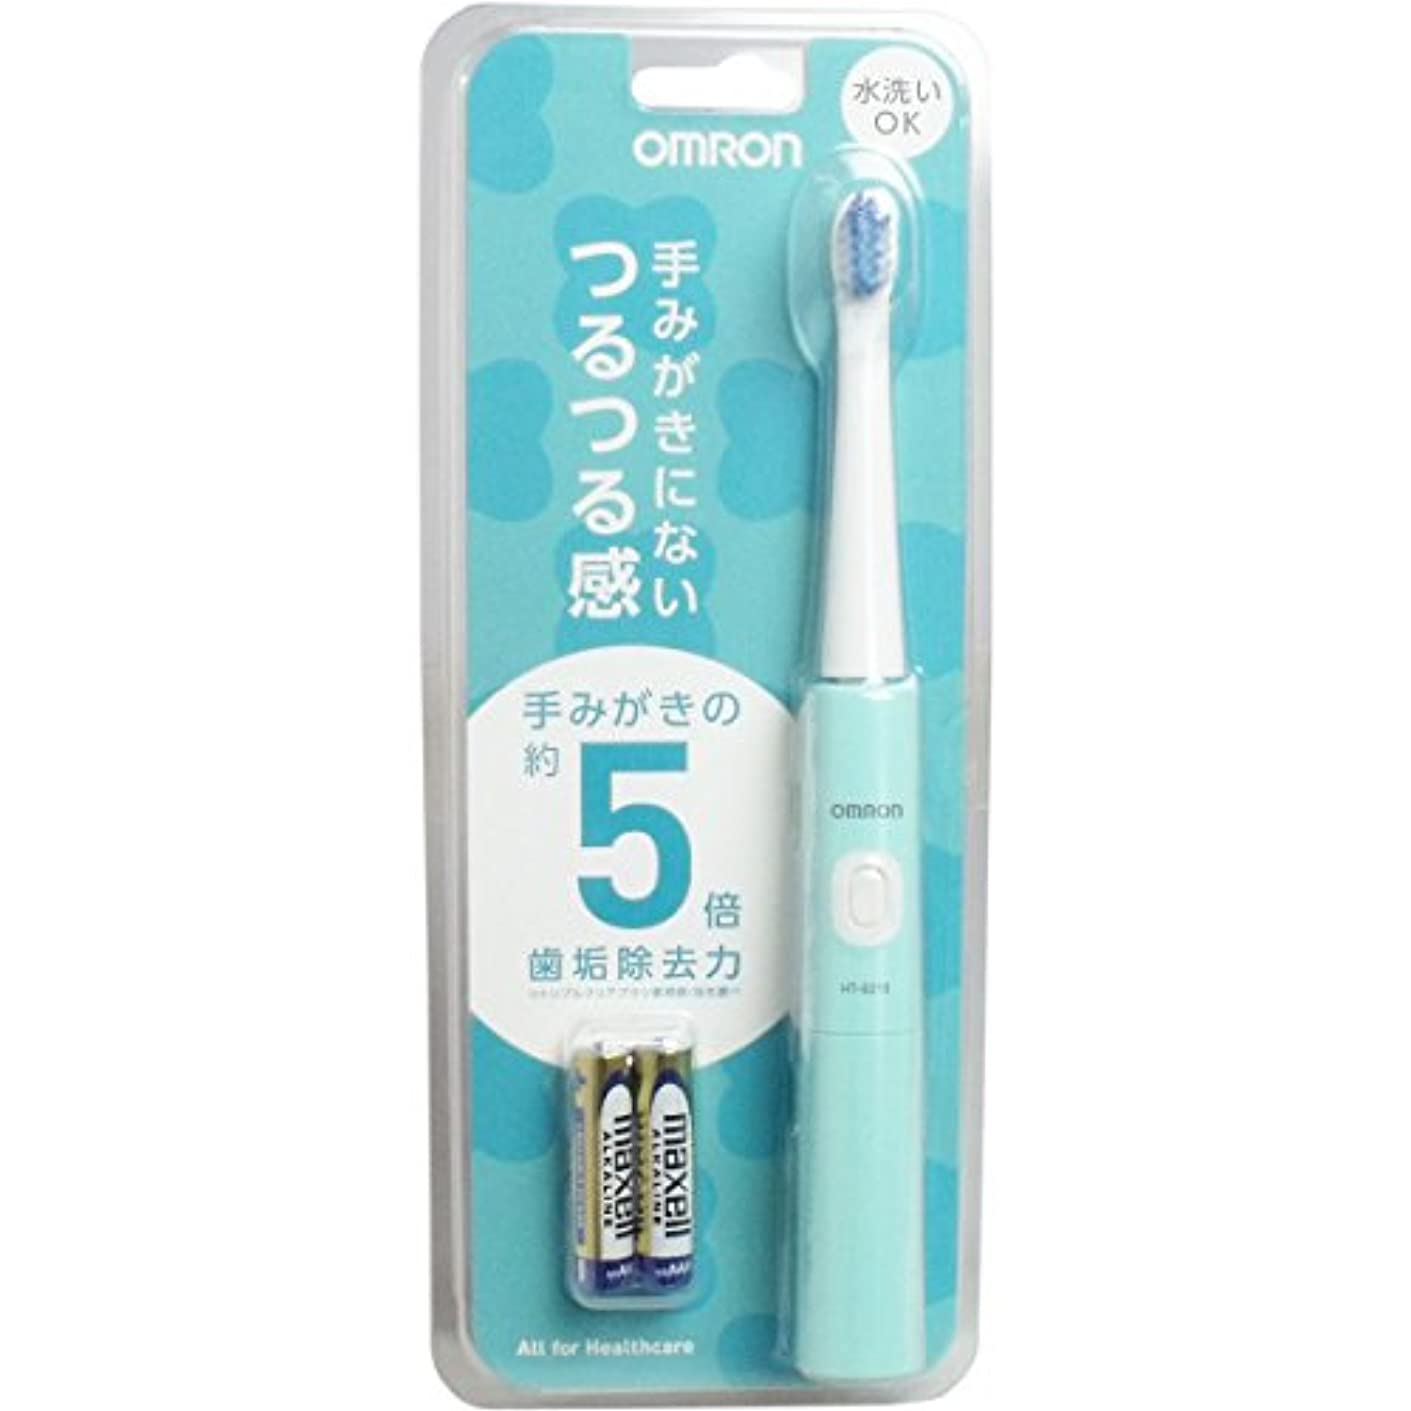 居心地の良いパイプライン統計オムロンヘルスケア 音波式電動歯ブラシ ミントグリーン HT-B210-G